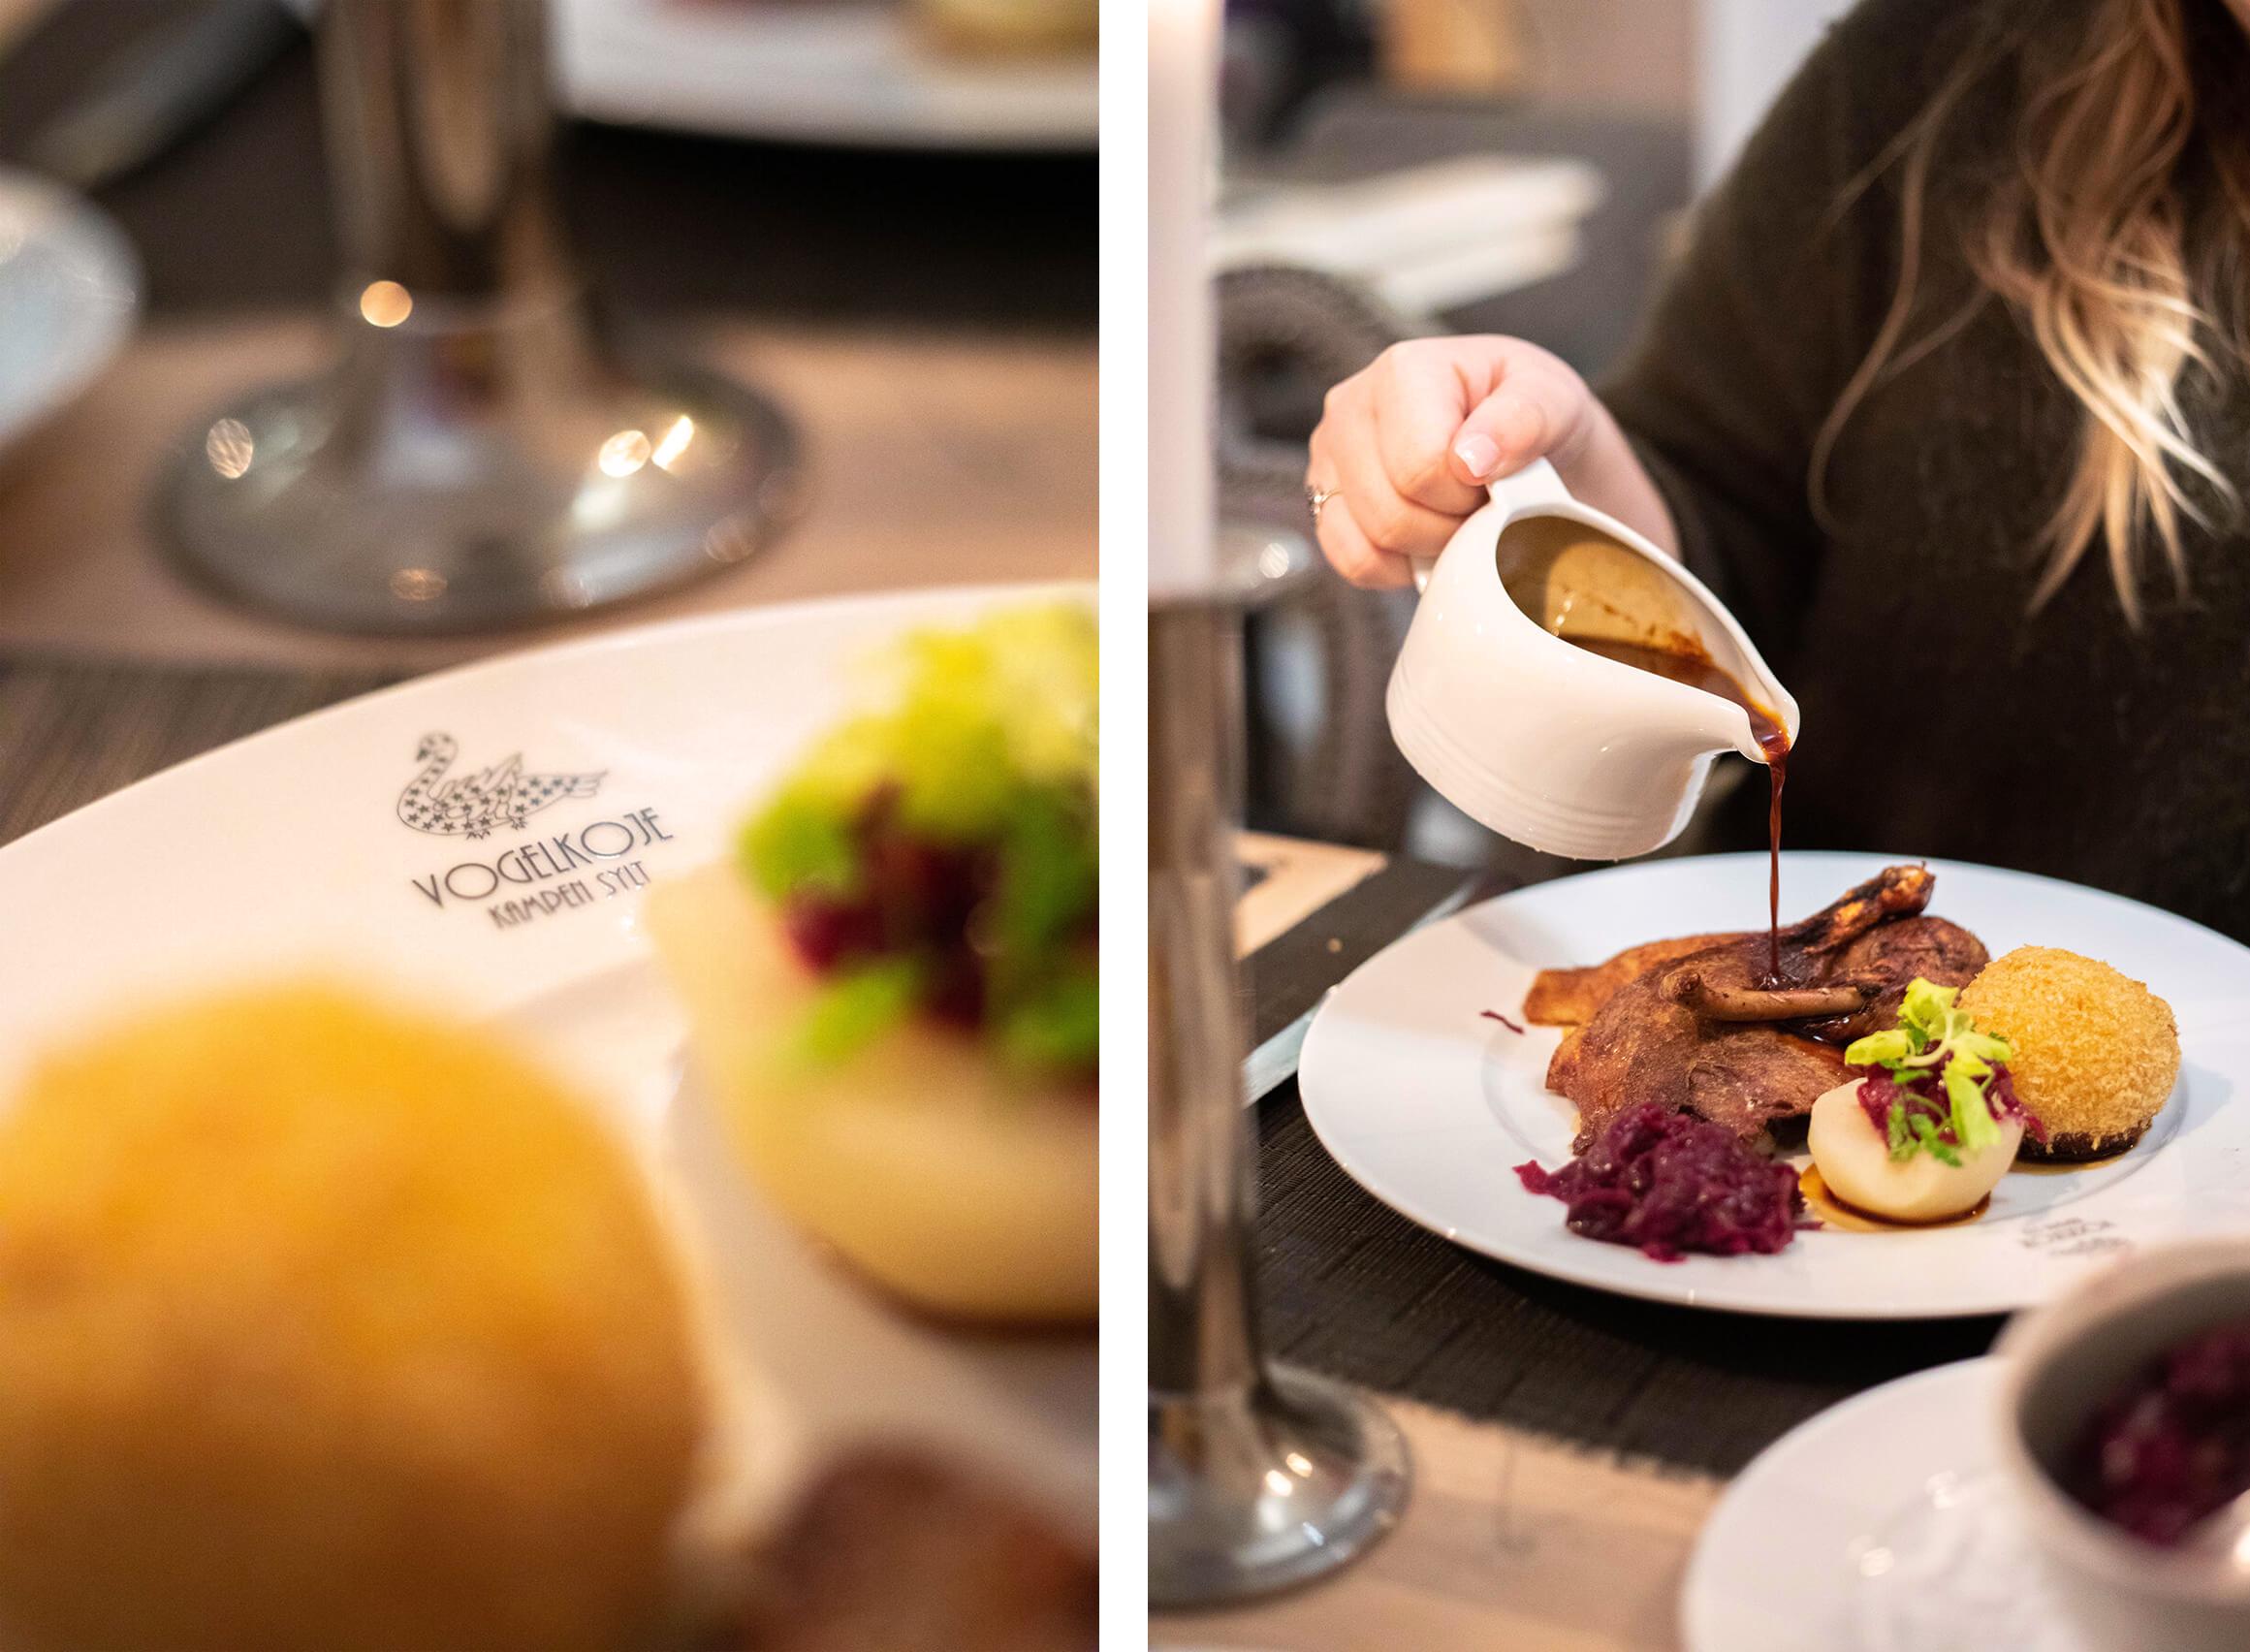 Restaurant Vogelkoje: Regionale Küche Vogelkojenente mit Kirschrotkohl und Kartoffelkloß